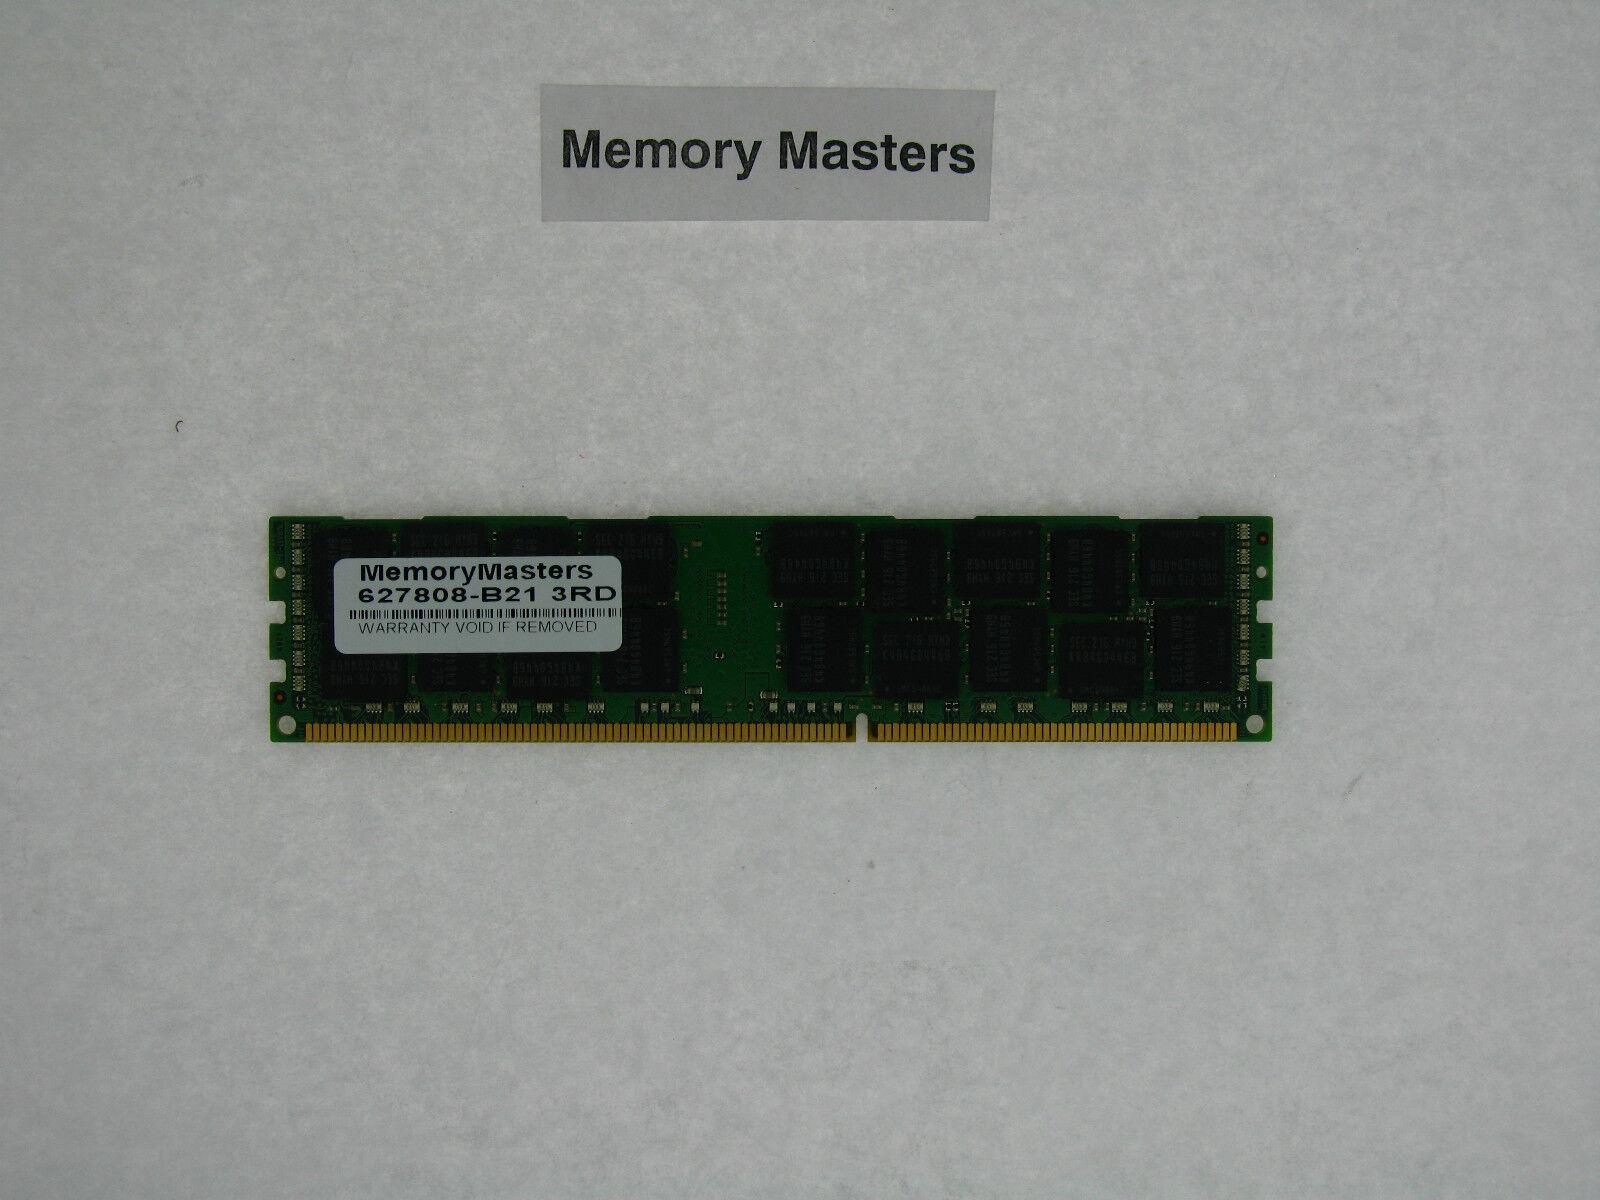 BL460c G7 BL490c G7 627808-B21 16GB PC3L-10600R Memory HP Proliant BL465c G7